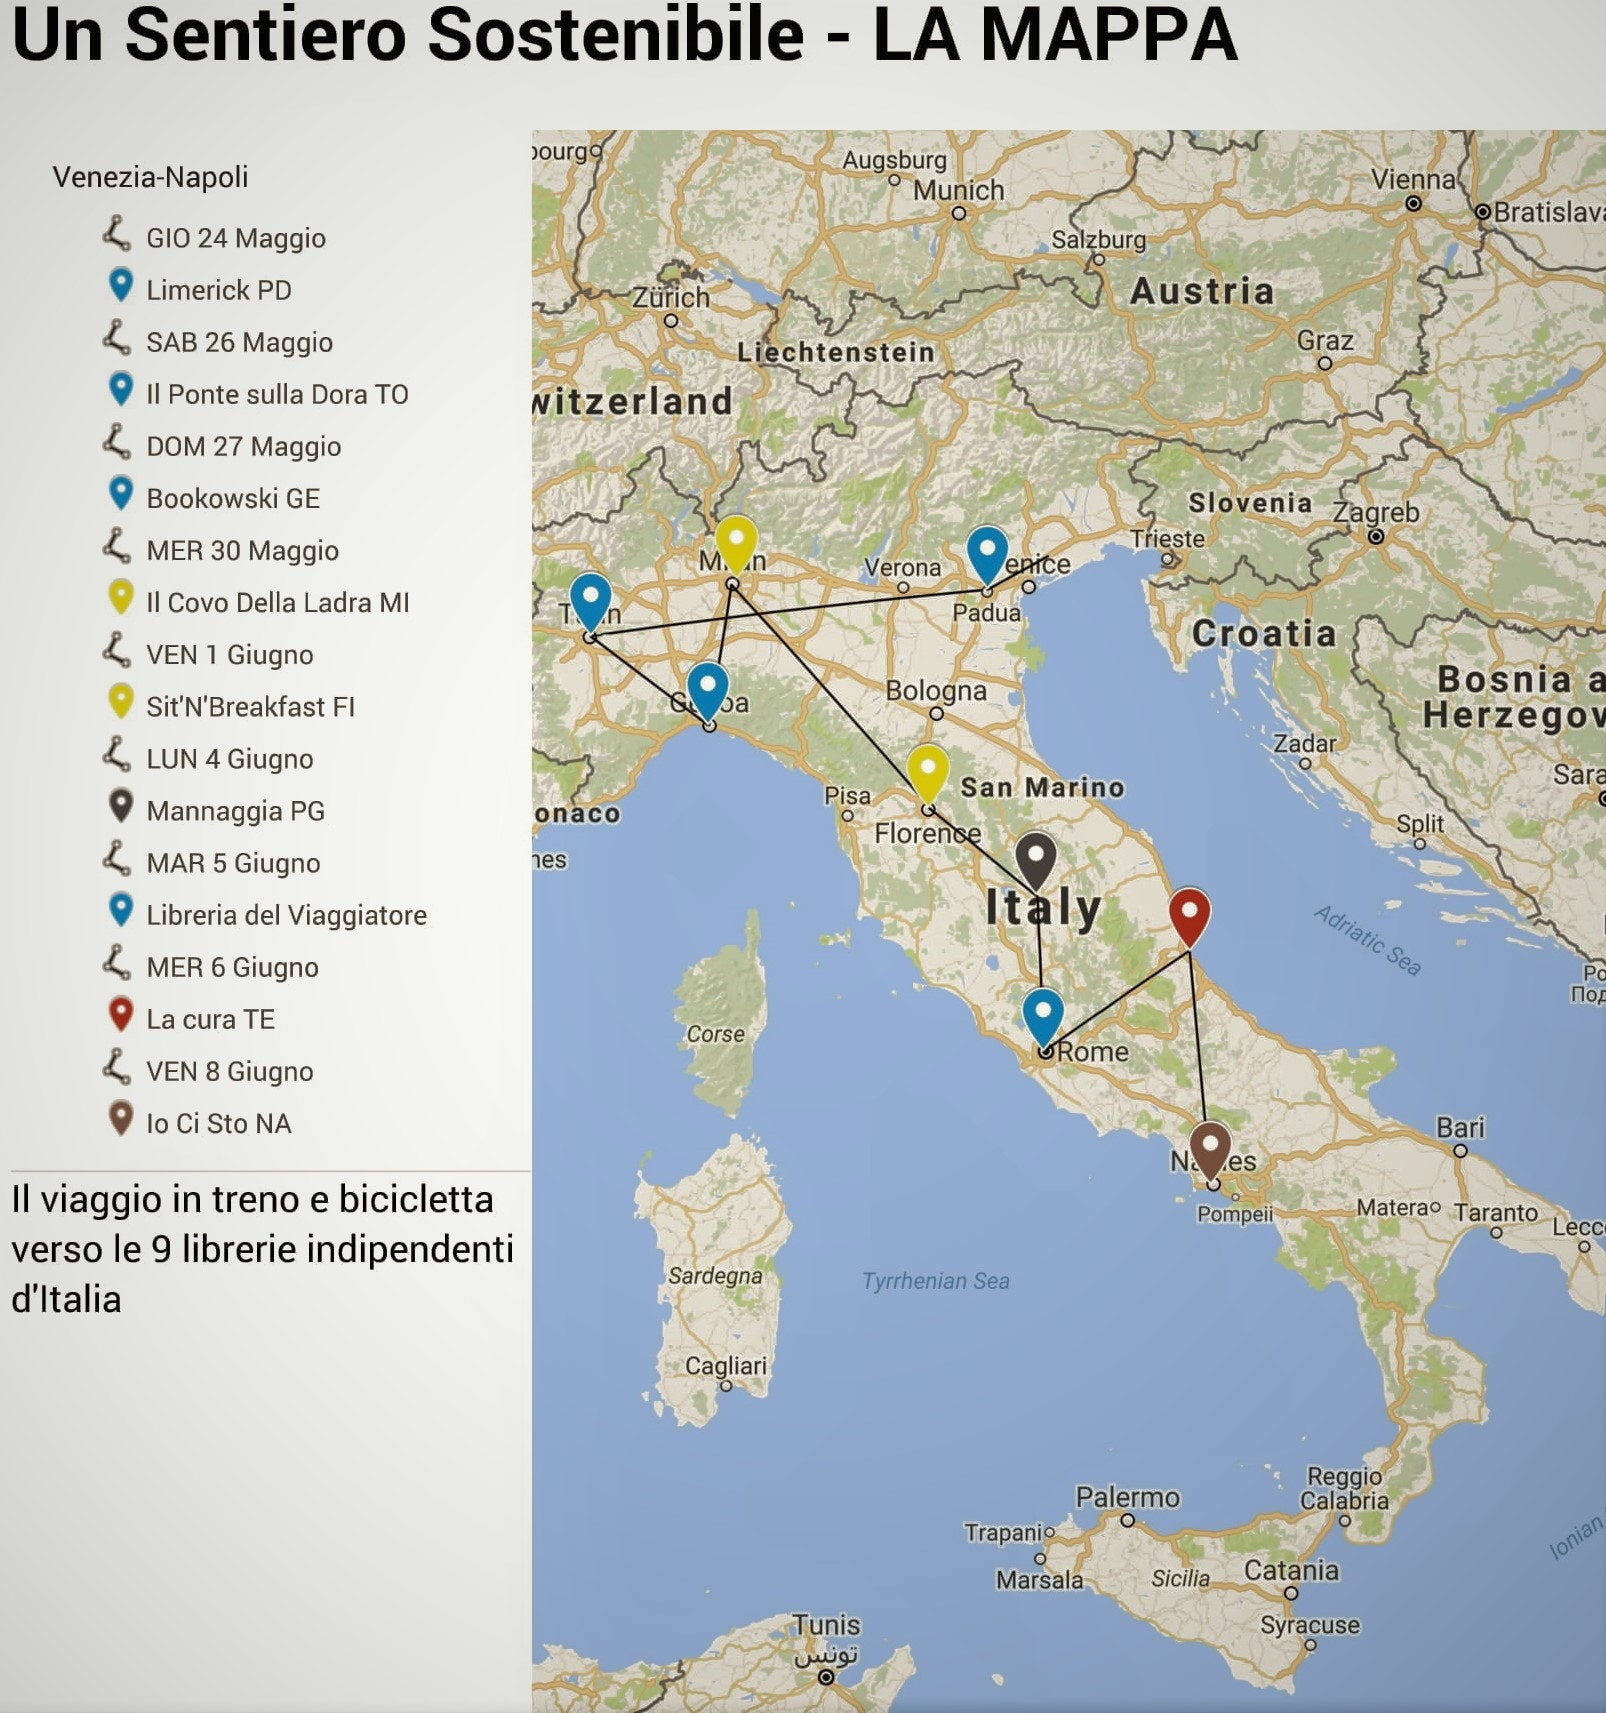 1527265101863668 mappa aggiornata 1